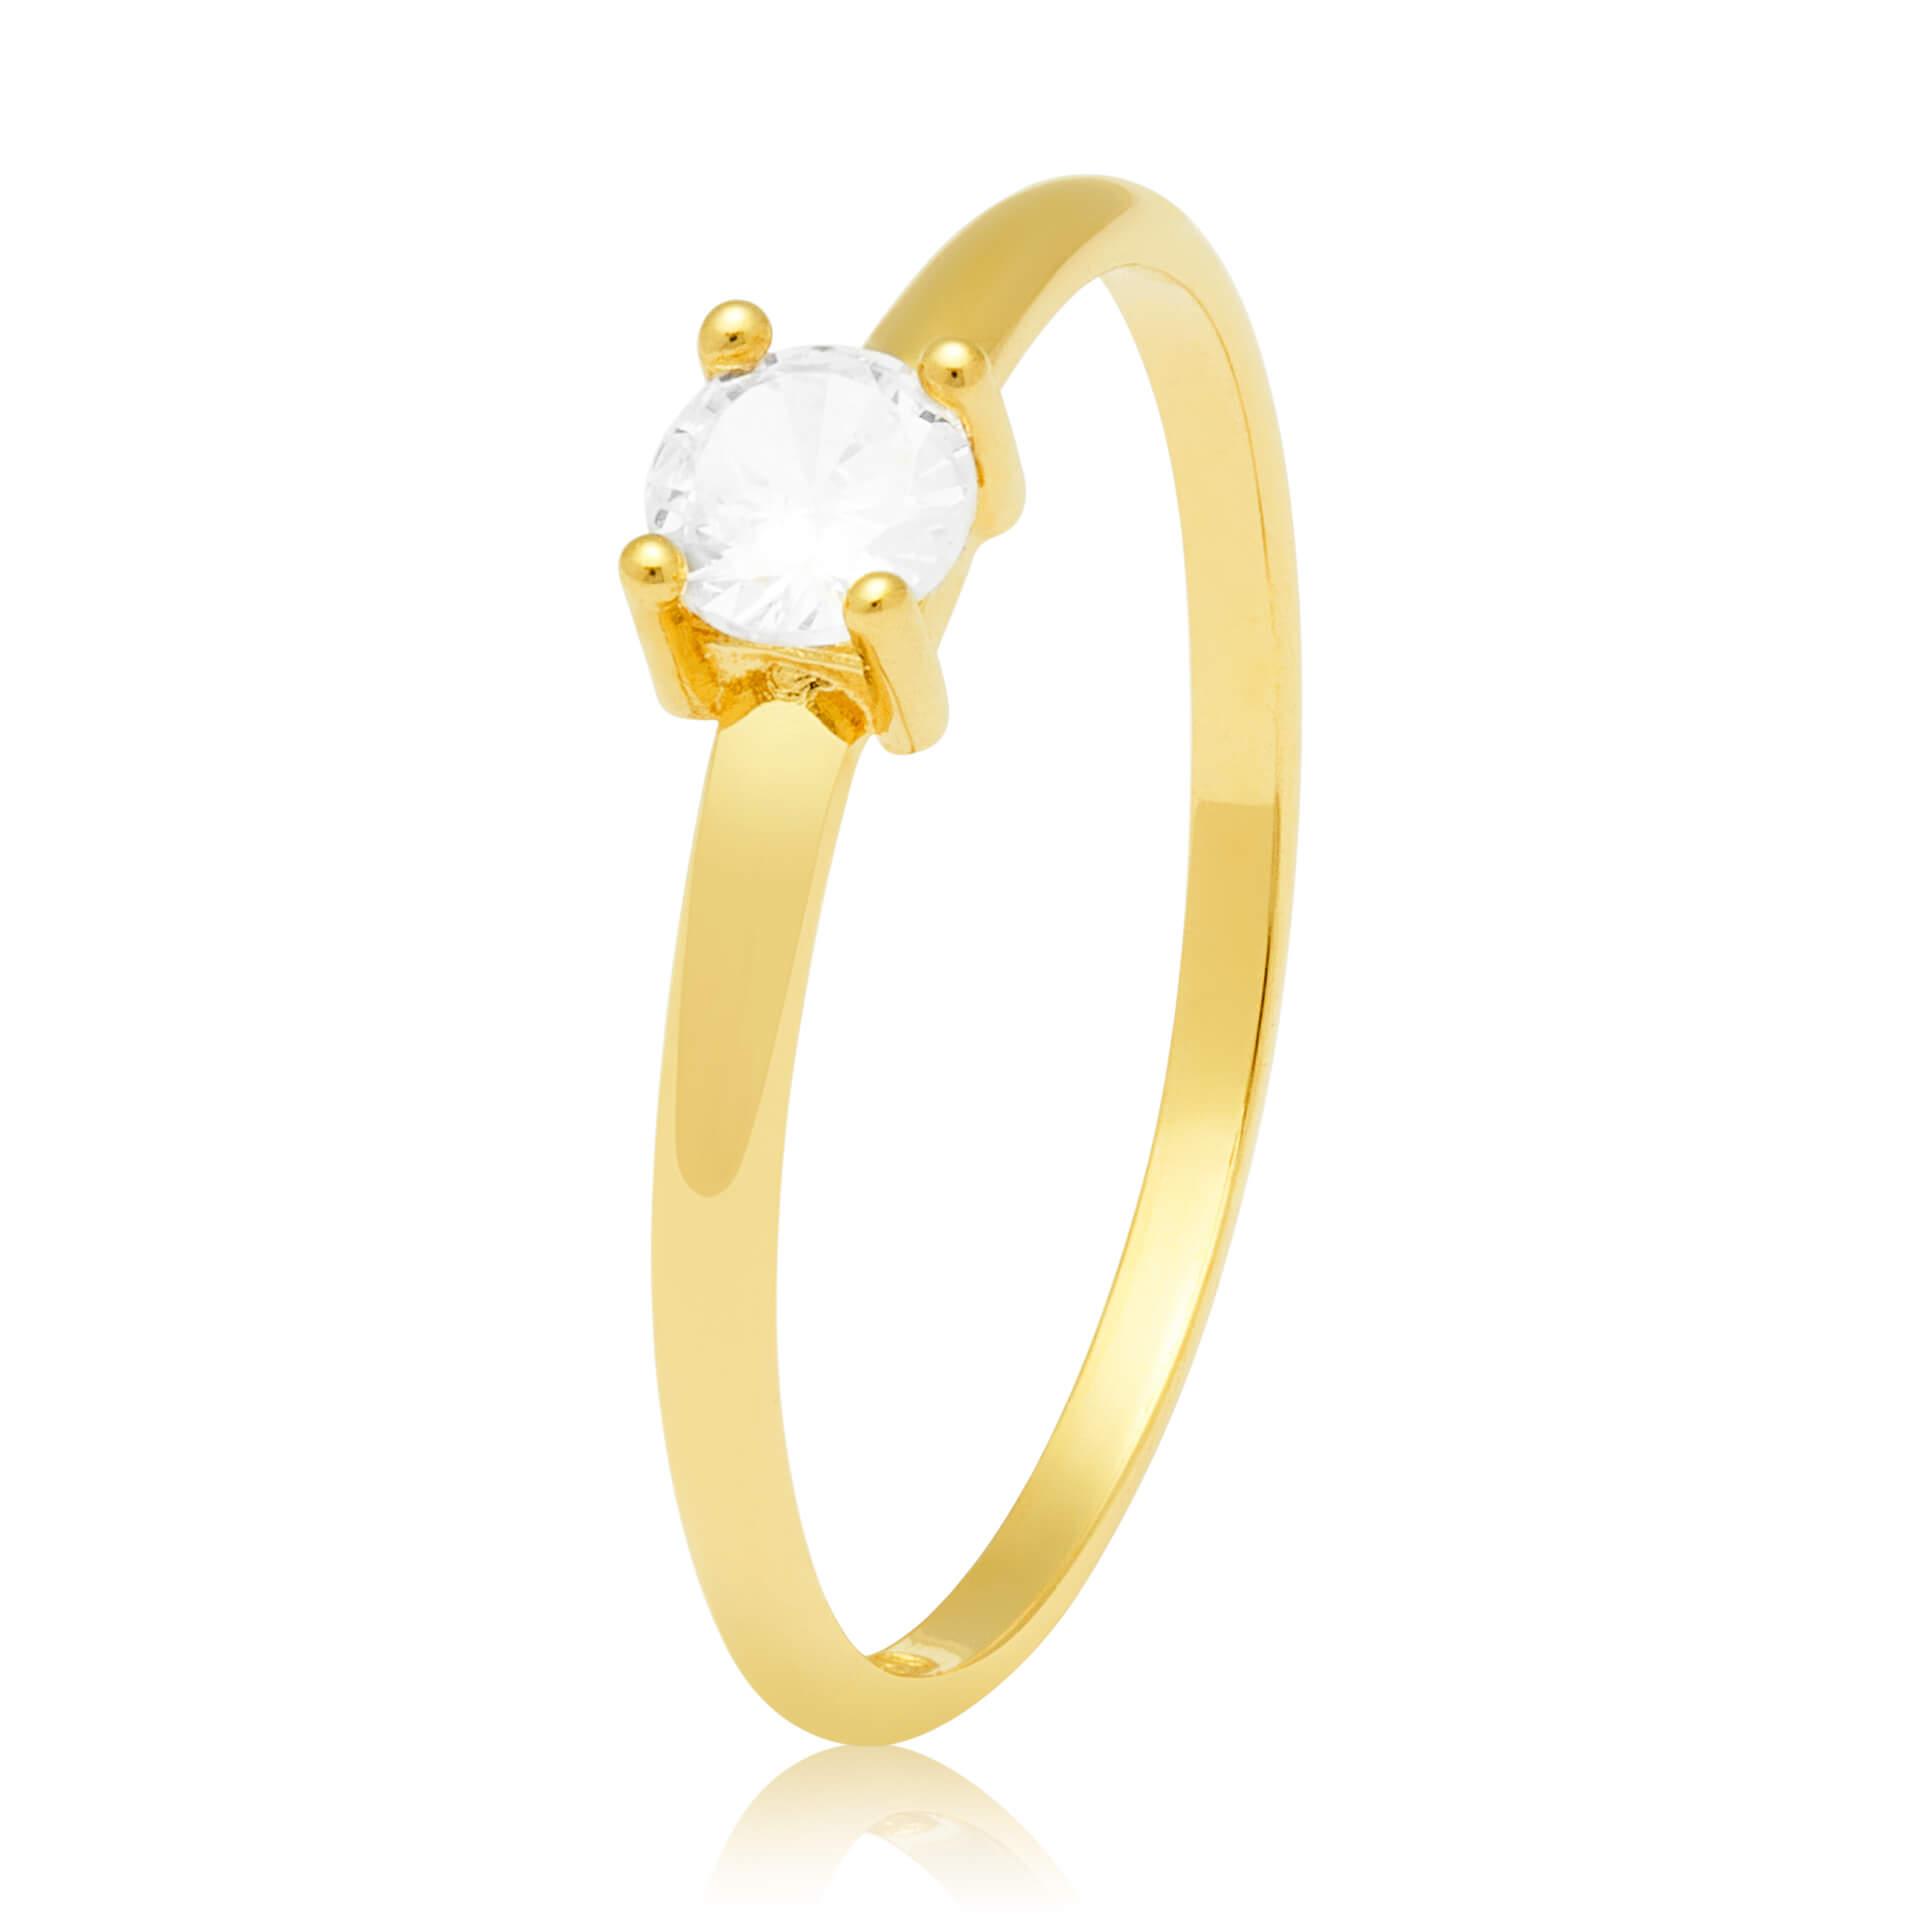 Solitário Ouro Amarelo 18k Clarity e 30 Pontos de Diamantes